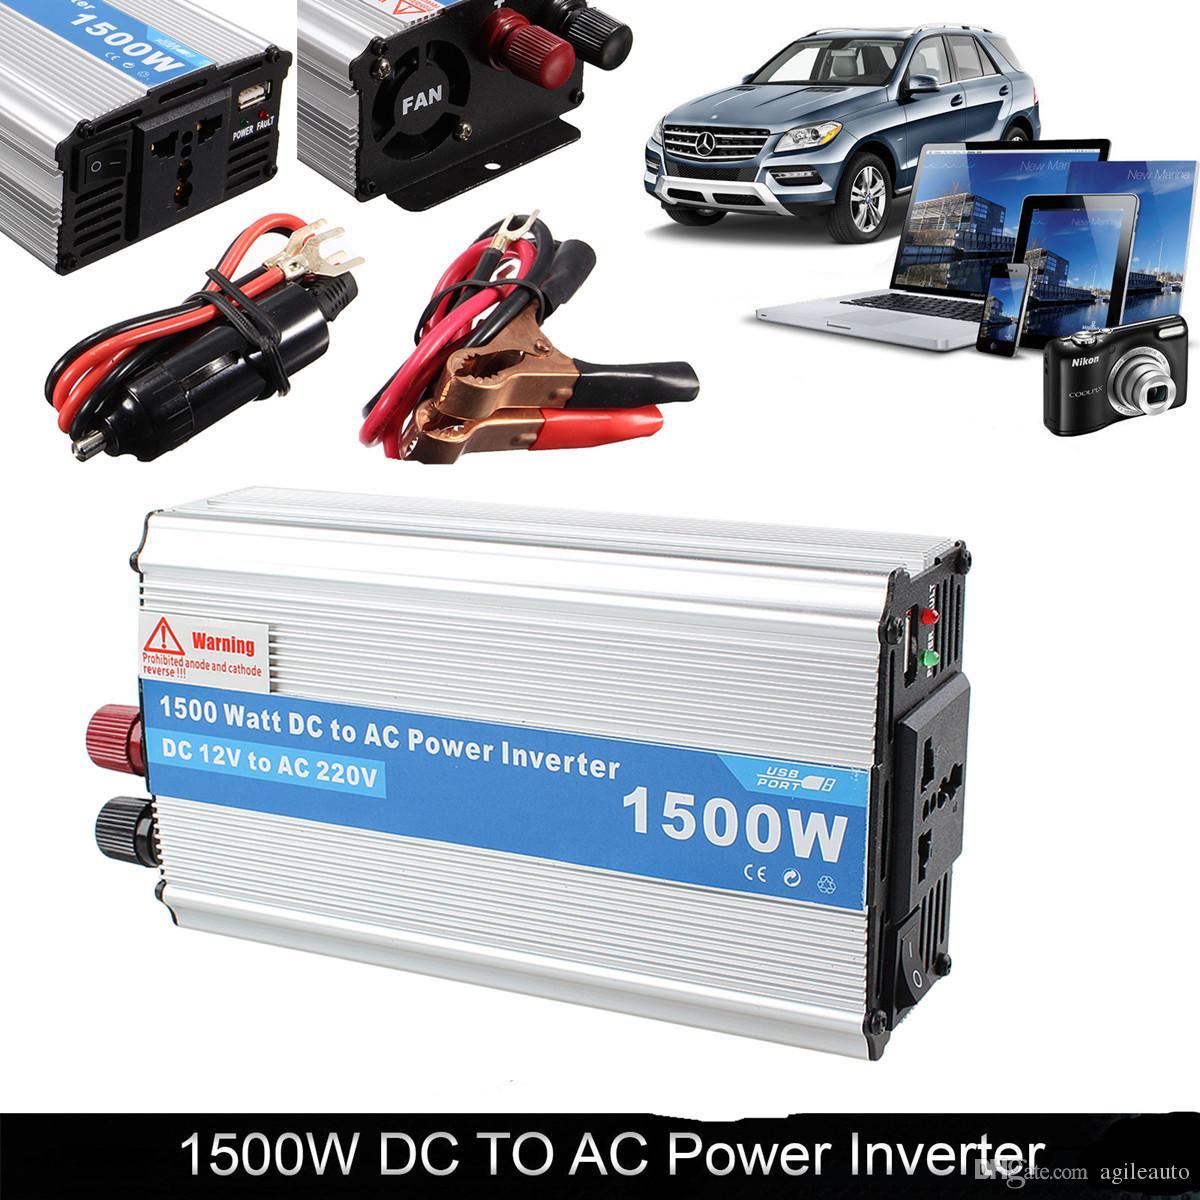 Convertitore da 150W DC 12V a CA 220V Convertitore di carica auto prodotti elettronici CEC_61L